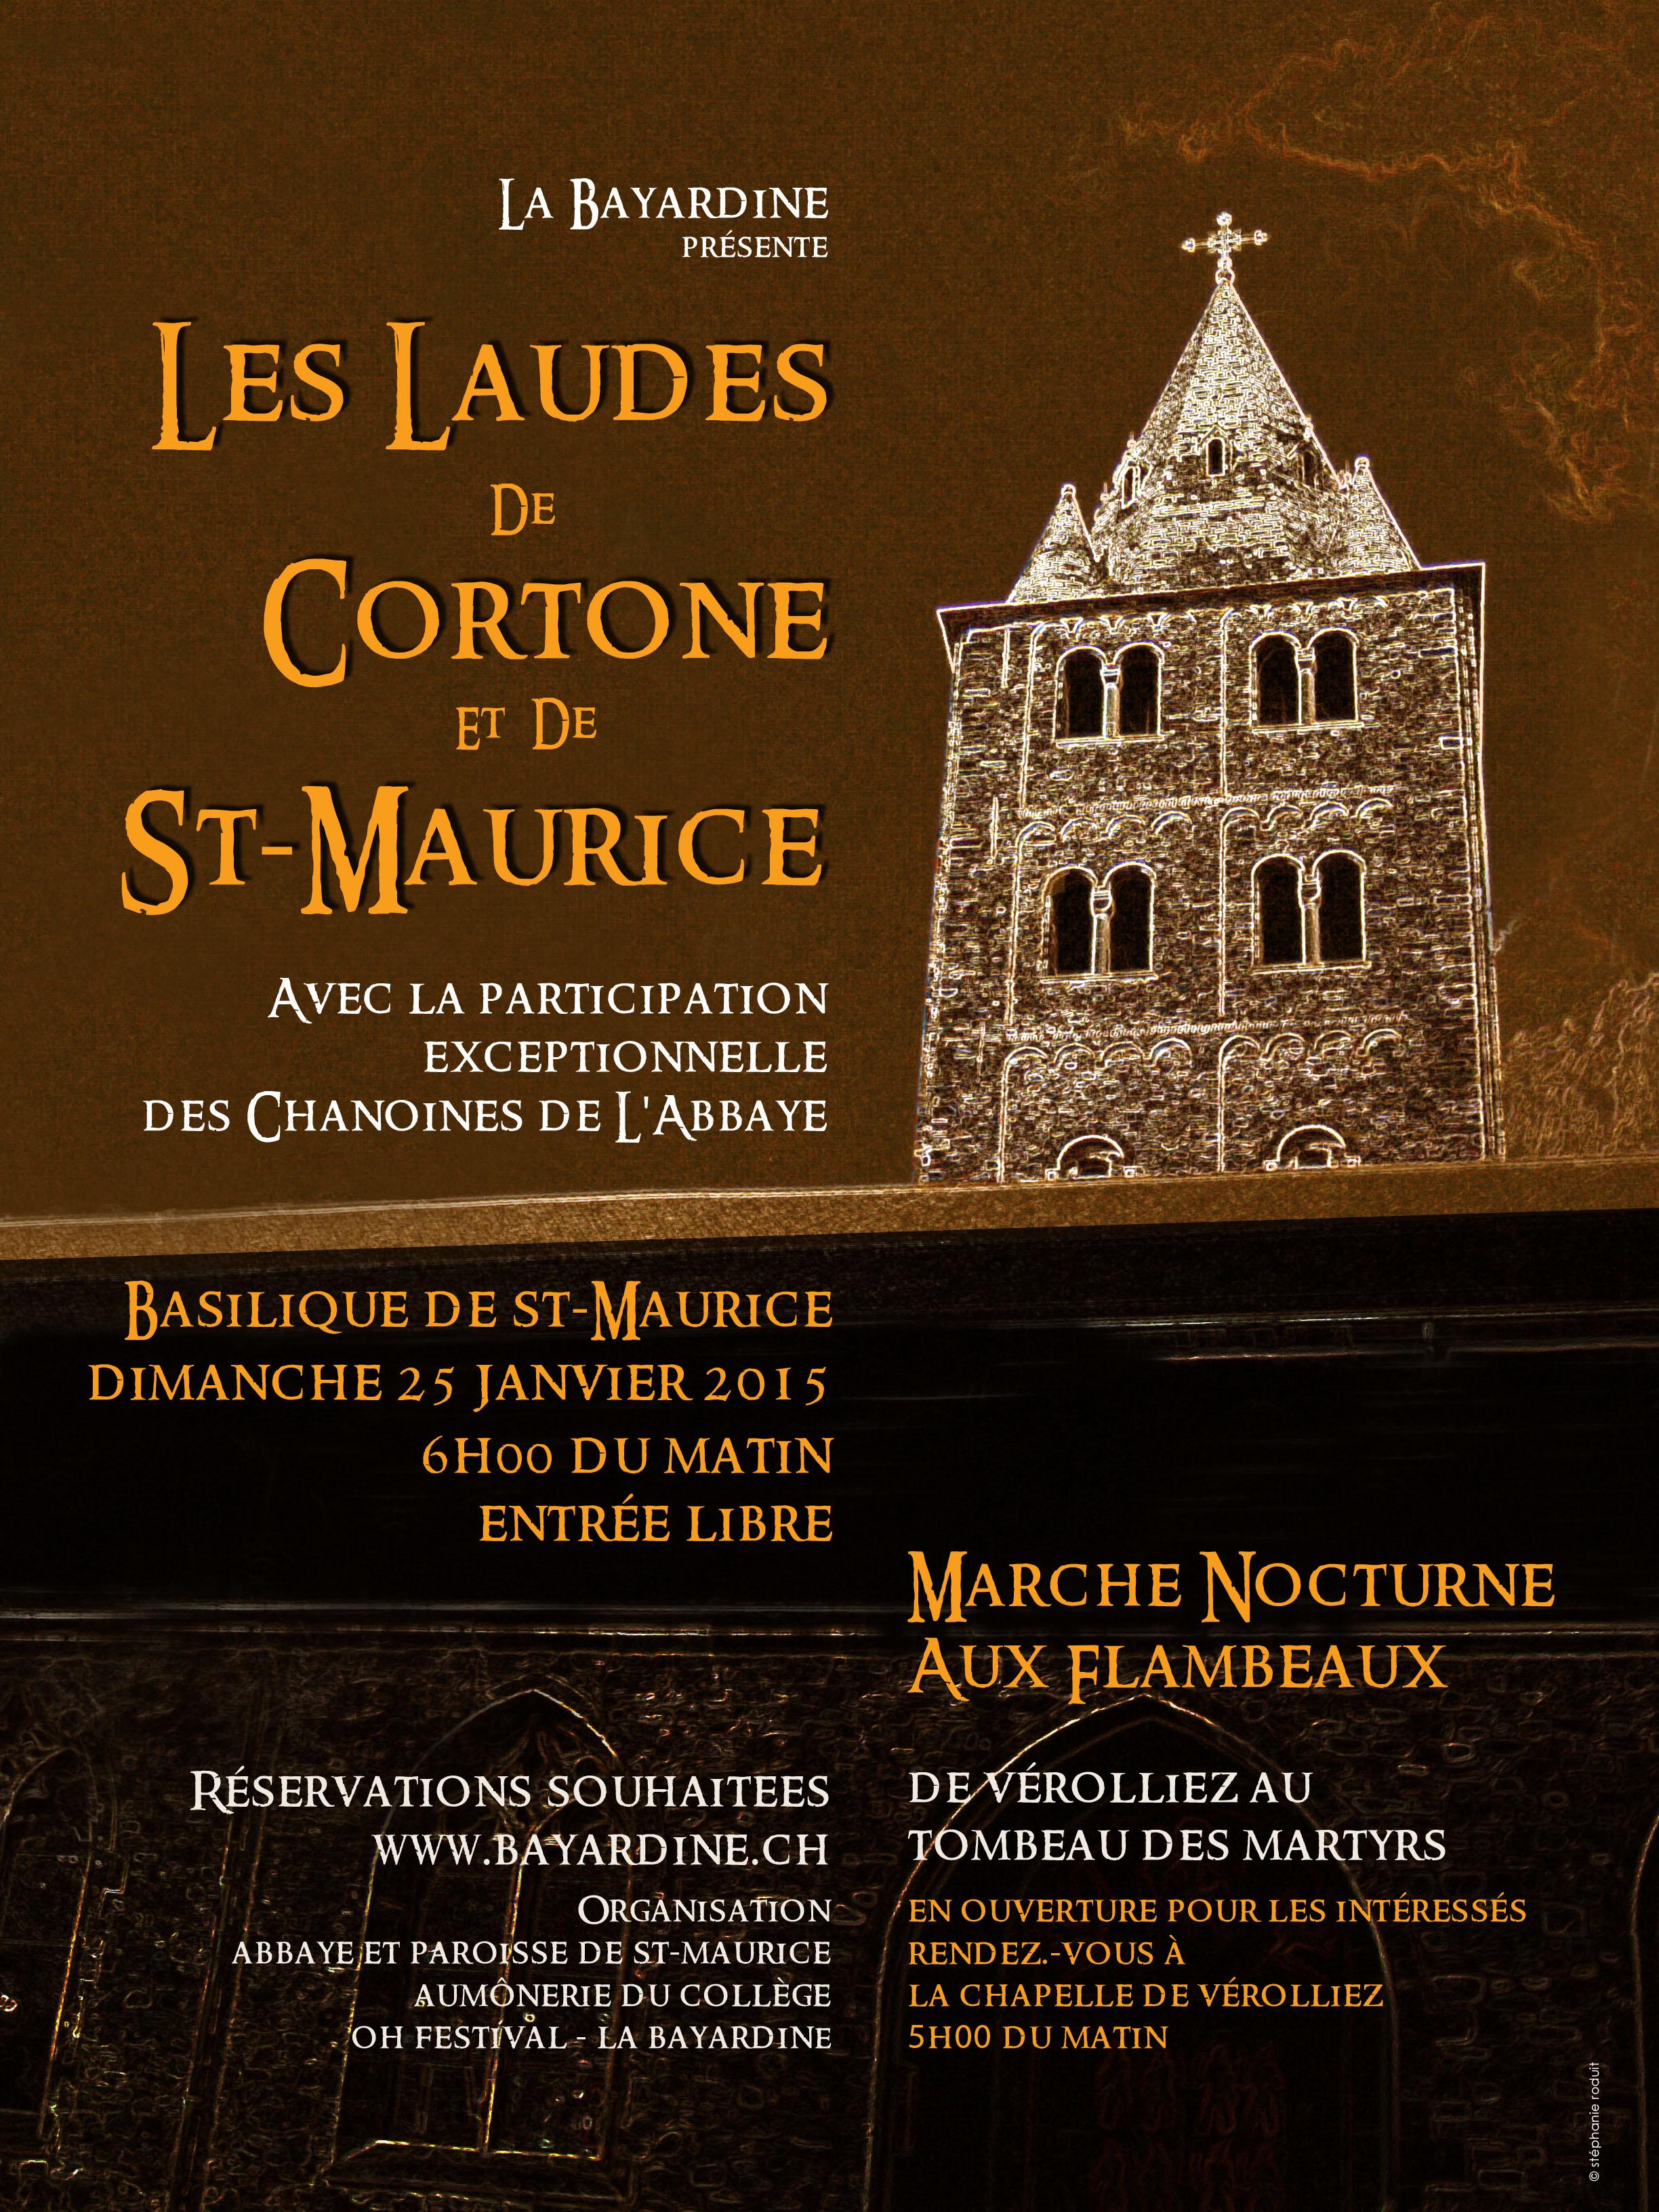 Les Laudes de Corton & St-Maurice